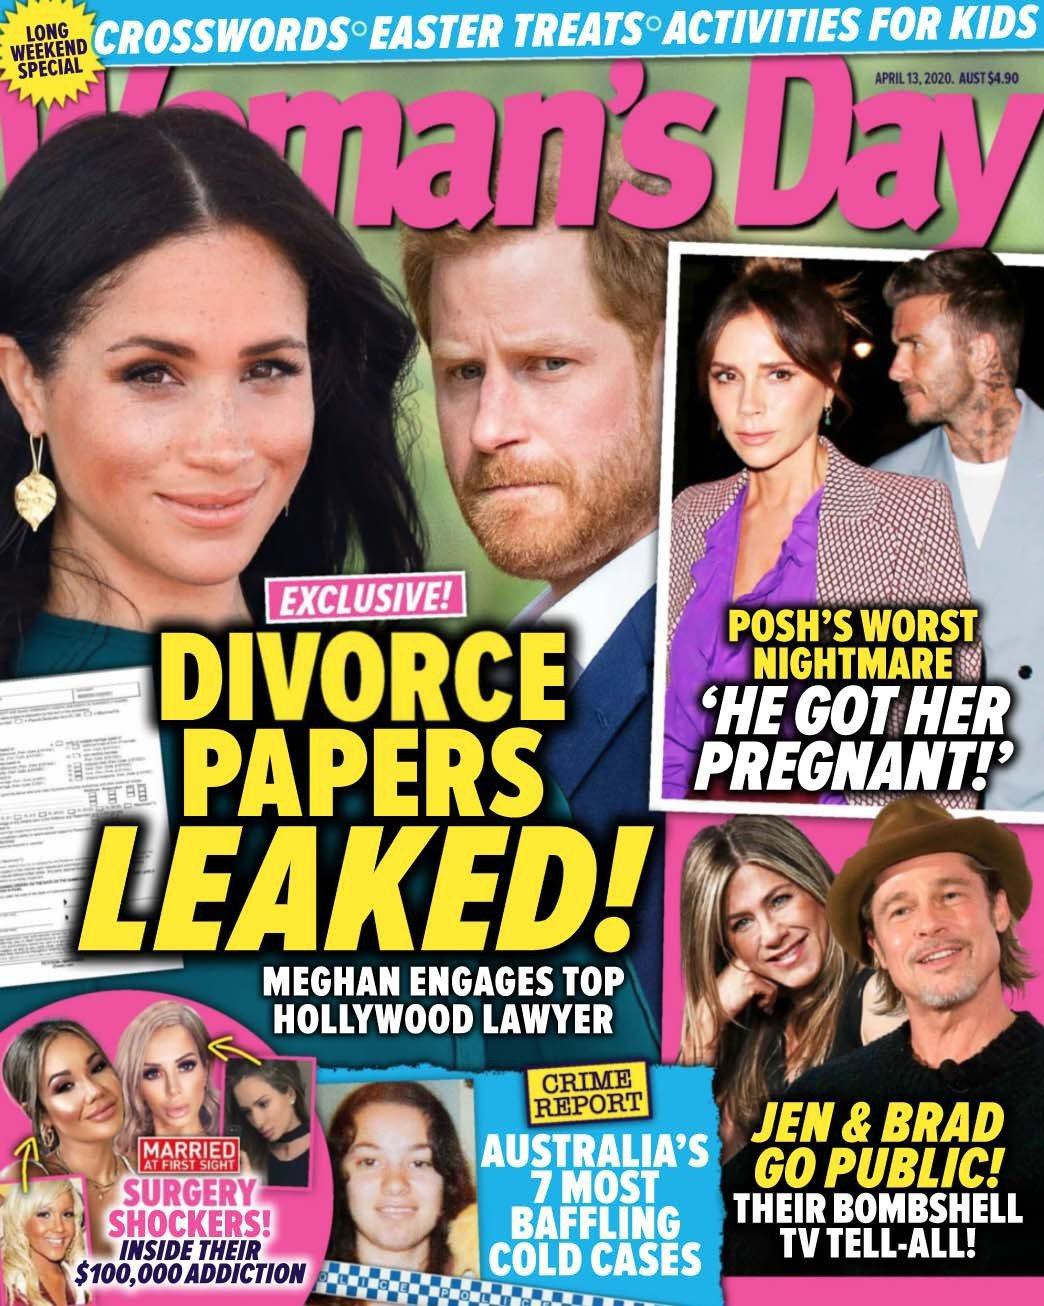 梅根與哈利被唱衰要離婚,還指文件已曝光。圖/Woman's Day